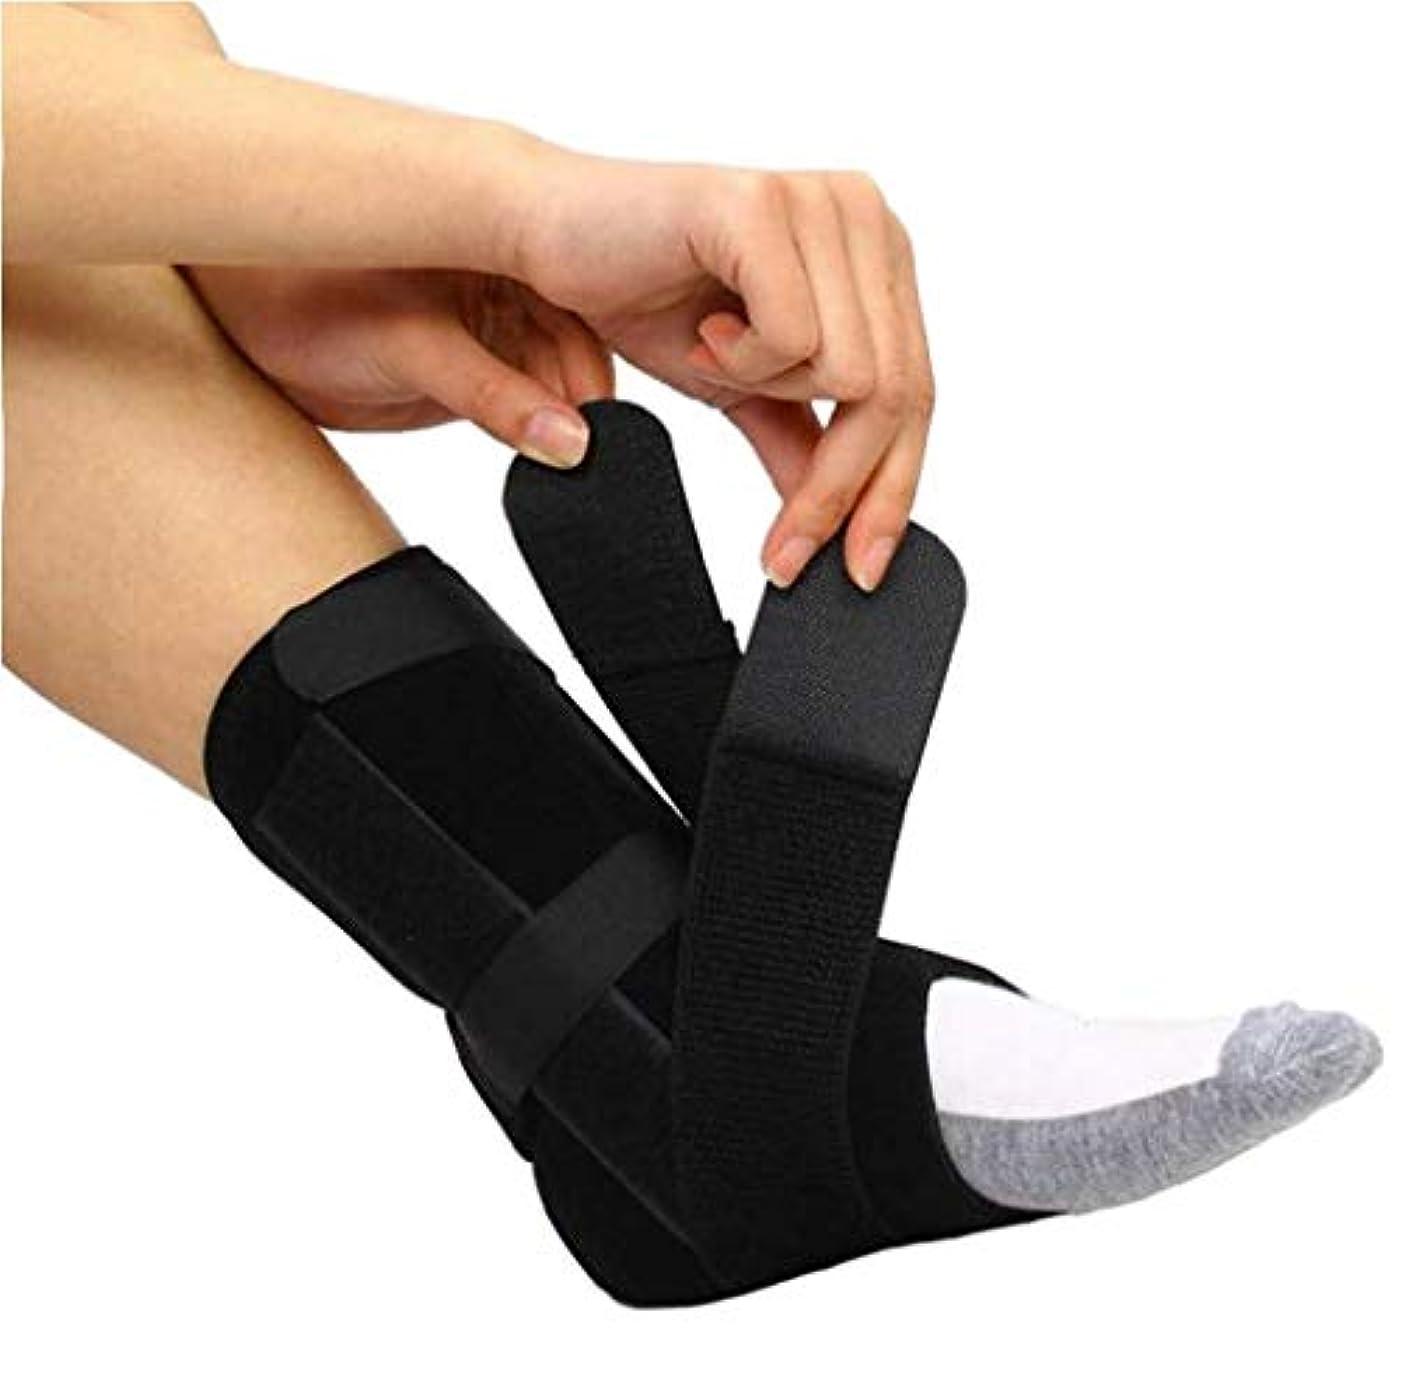 熟読危険なマージンドロップフット–ドロップフット、神経損傷、足の位置、圧力緩和、足首と足の装具のサポート-ユニセックス (Size : L)